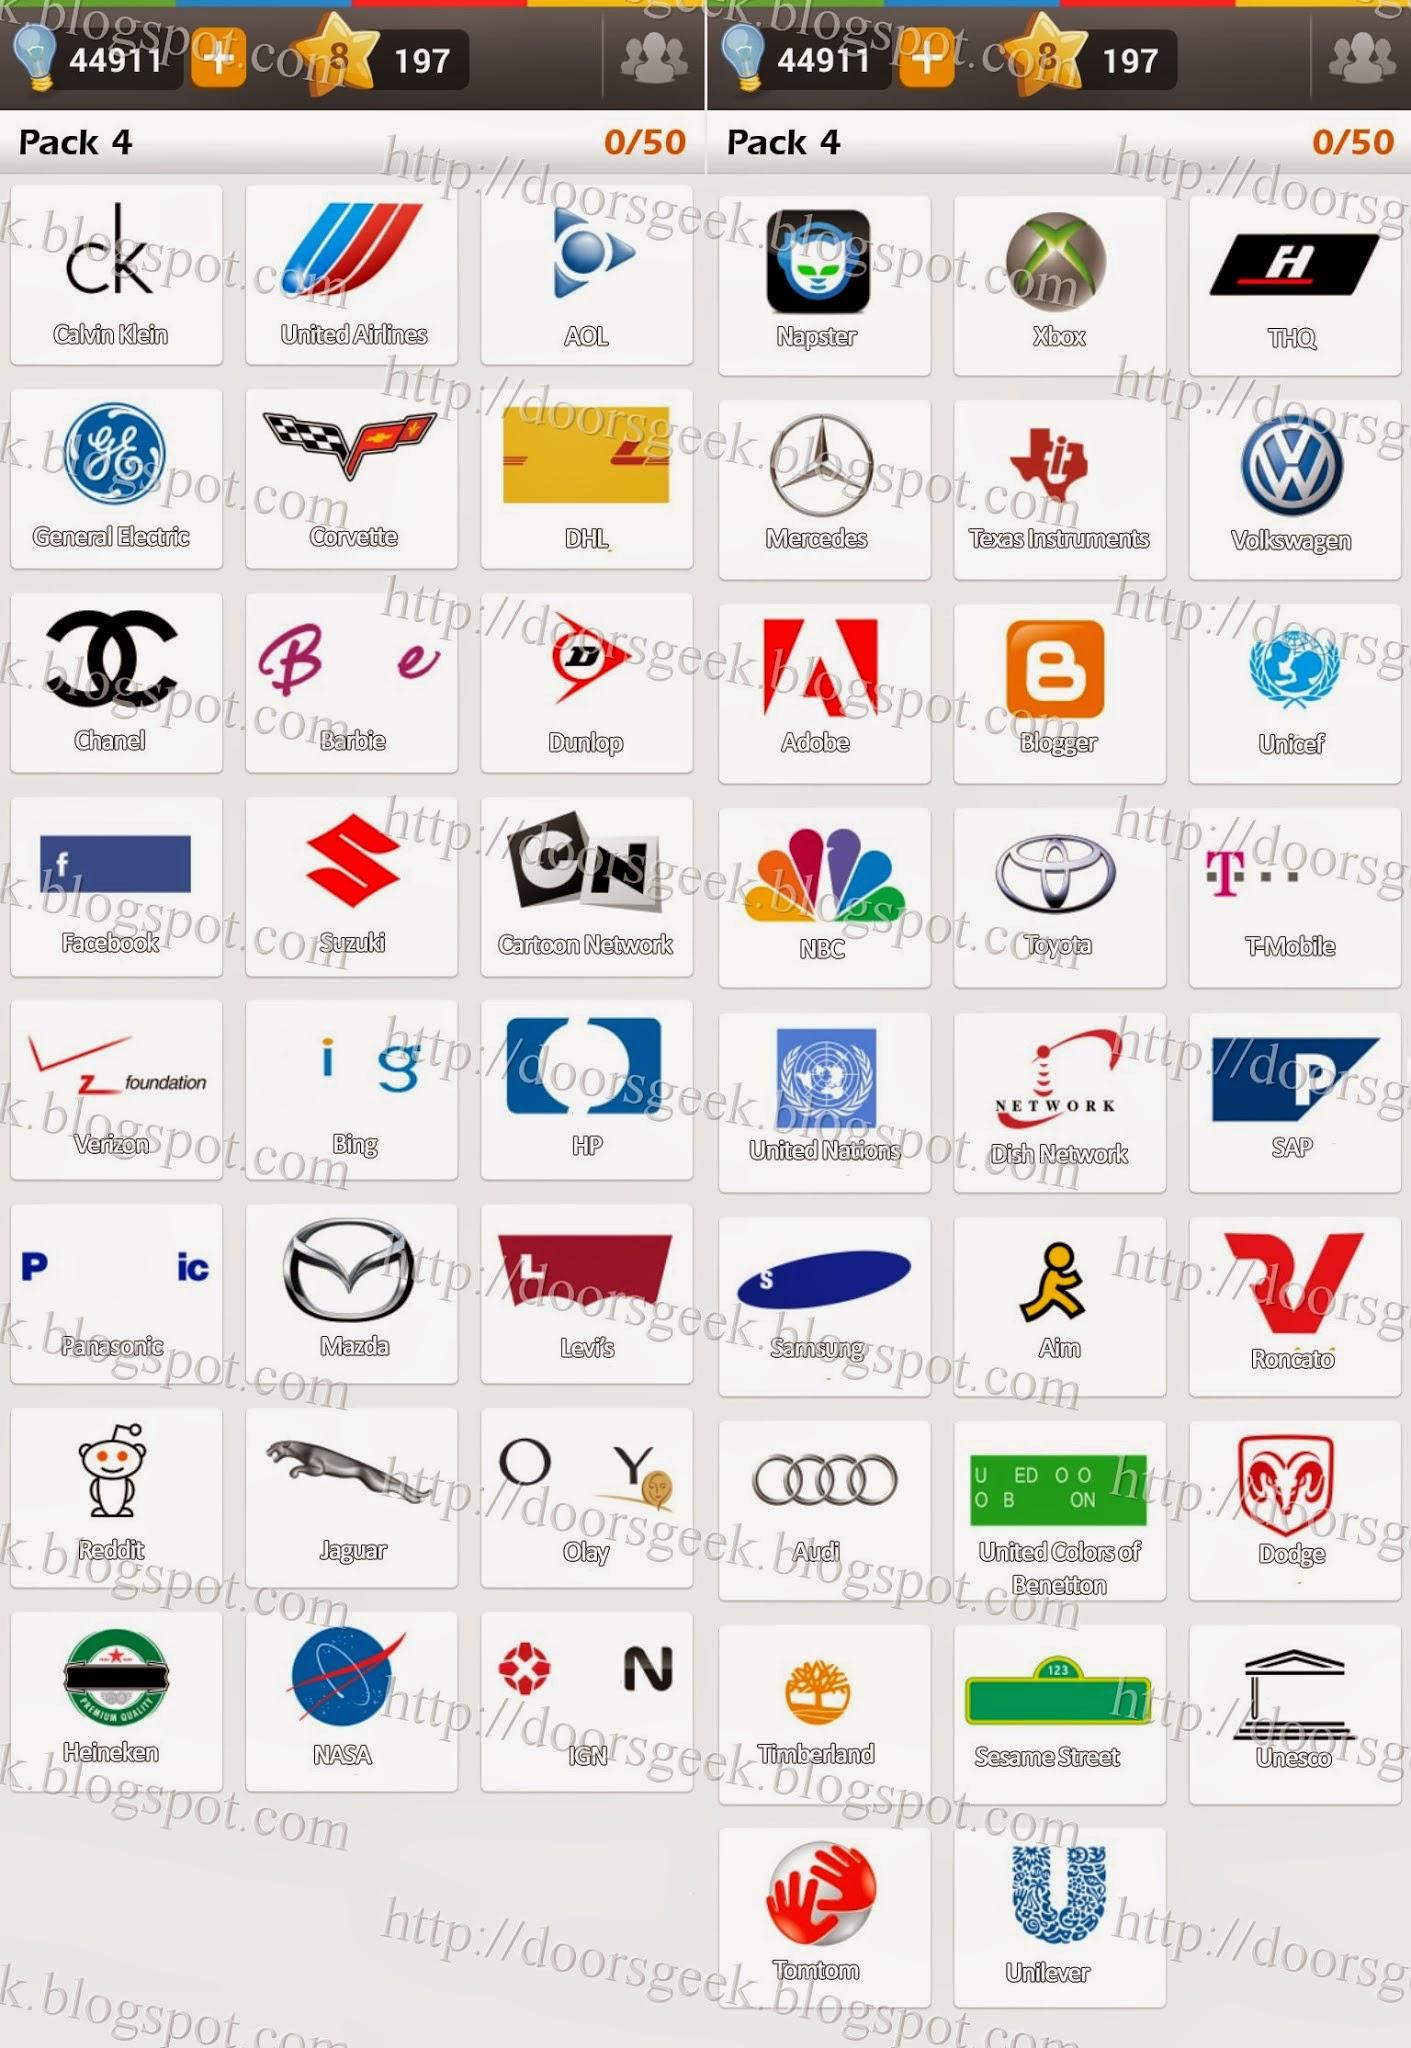 Extrêmement Logo Game: Guess the Brand [Regular] Pack 4 ~ Doors Geek QV95